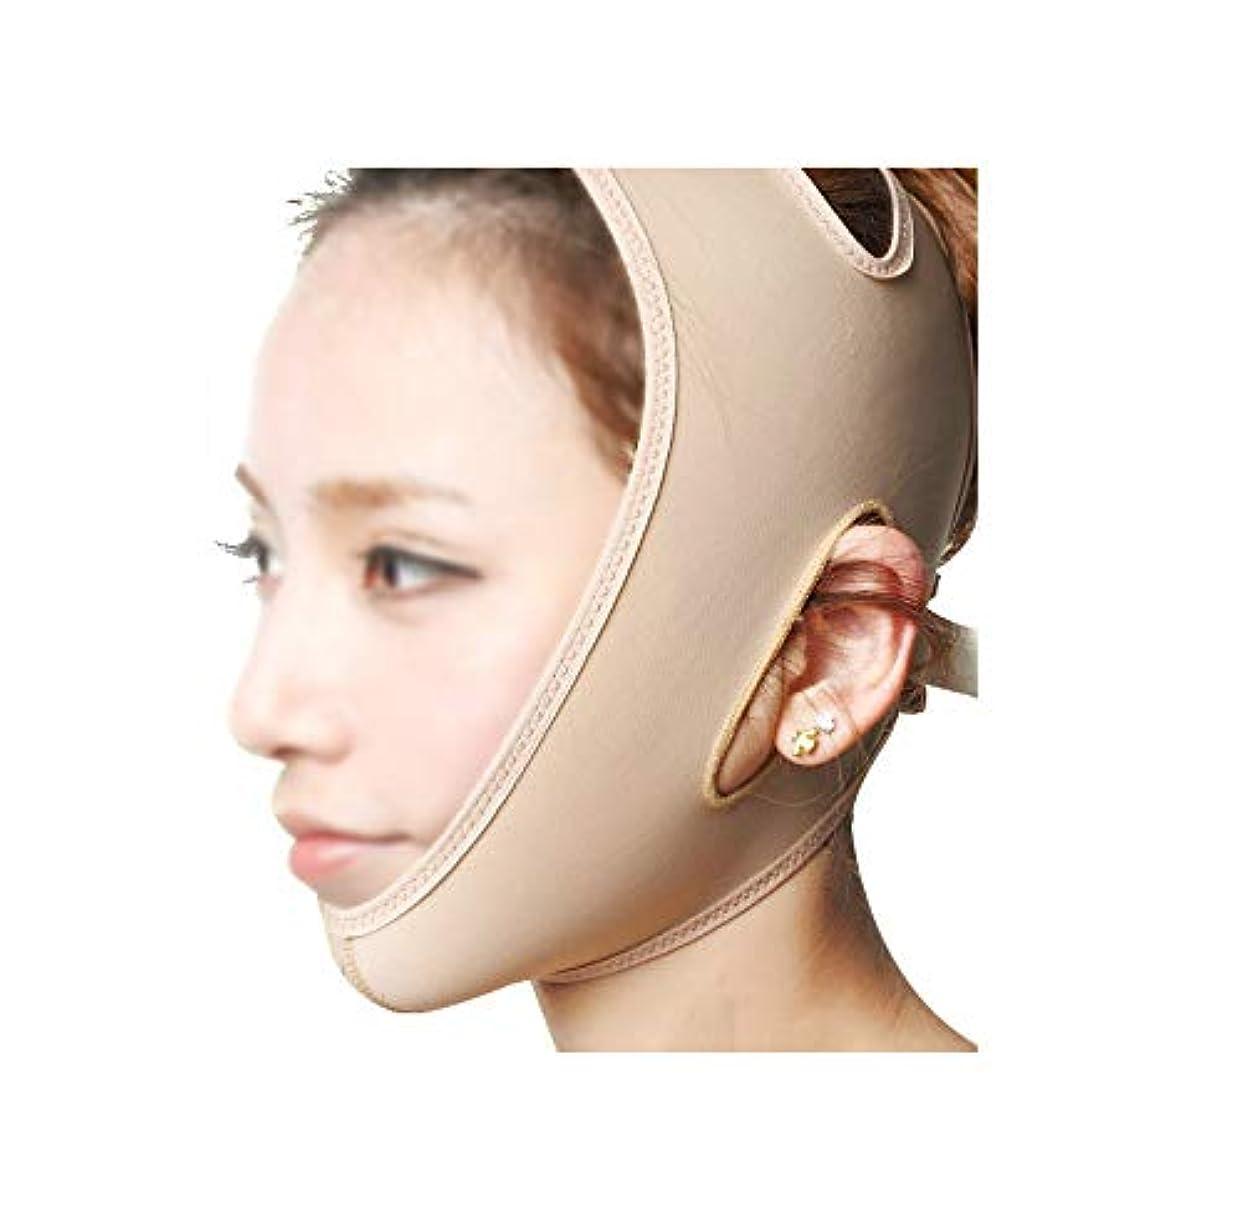 貨物はぁスキップXHLMRMJ フェイスリフティングバンデージ、フェイスマスク3Dパネルデザイン、通気性のある非通気性、高弾性ライクラ生地フィジカルVフェイス、美しい顔の輪郭の作成 (Size : M)